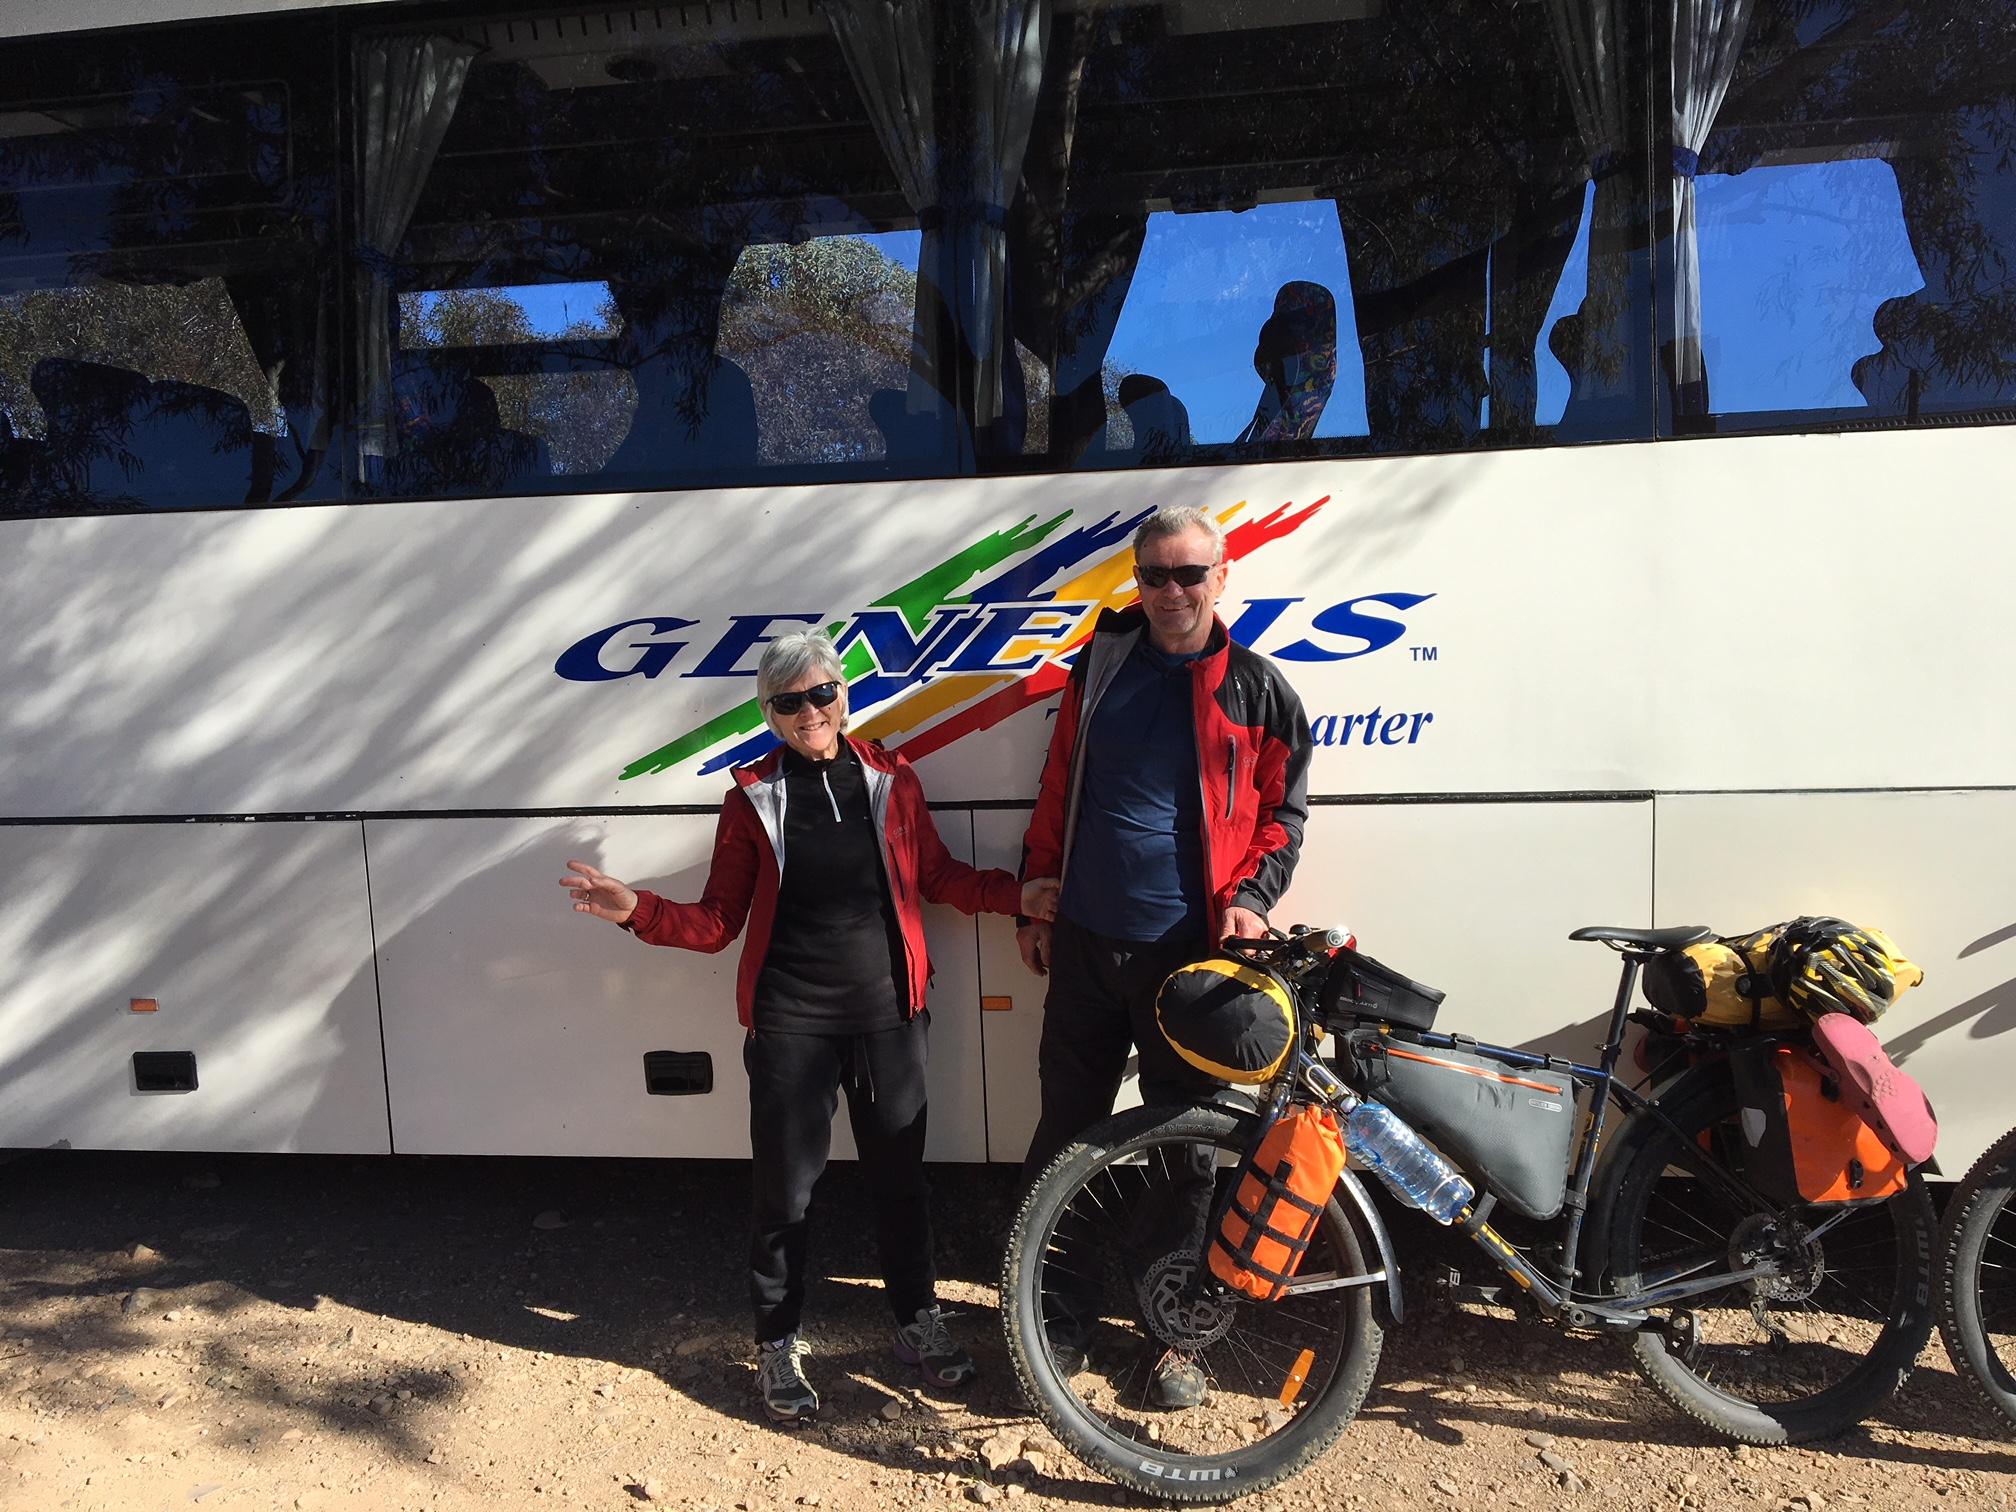 Bike transport a speciality